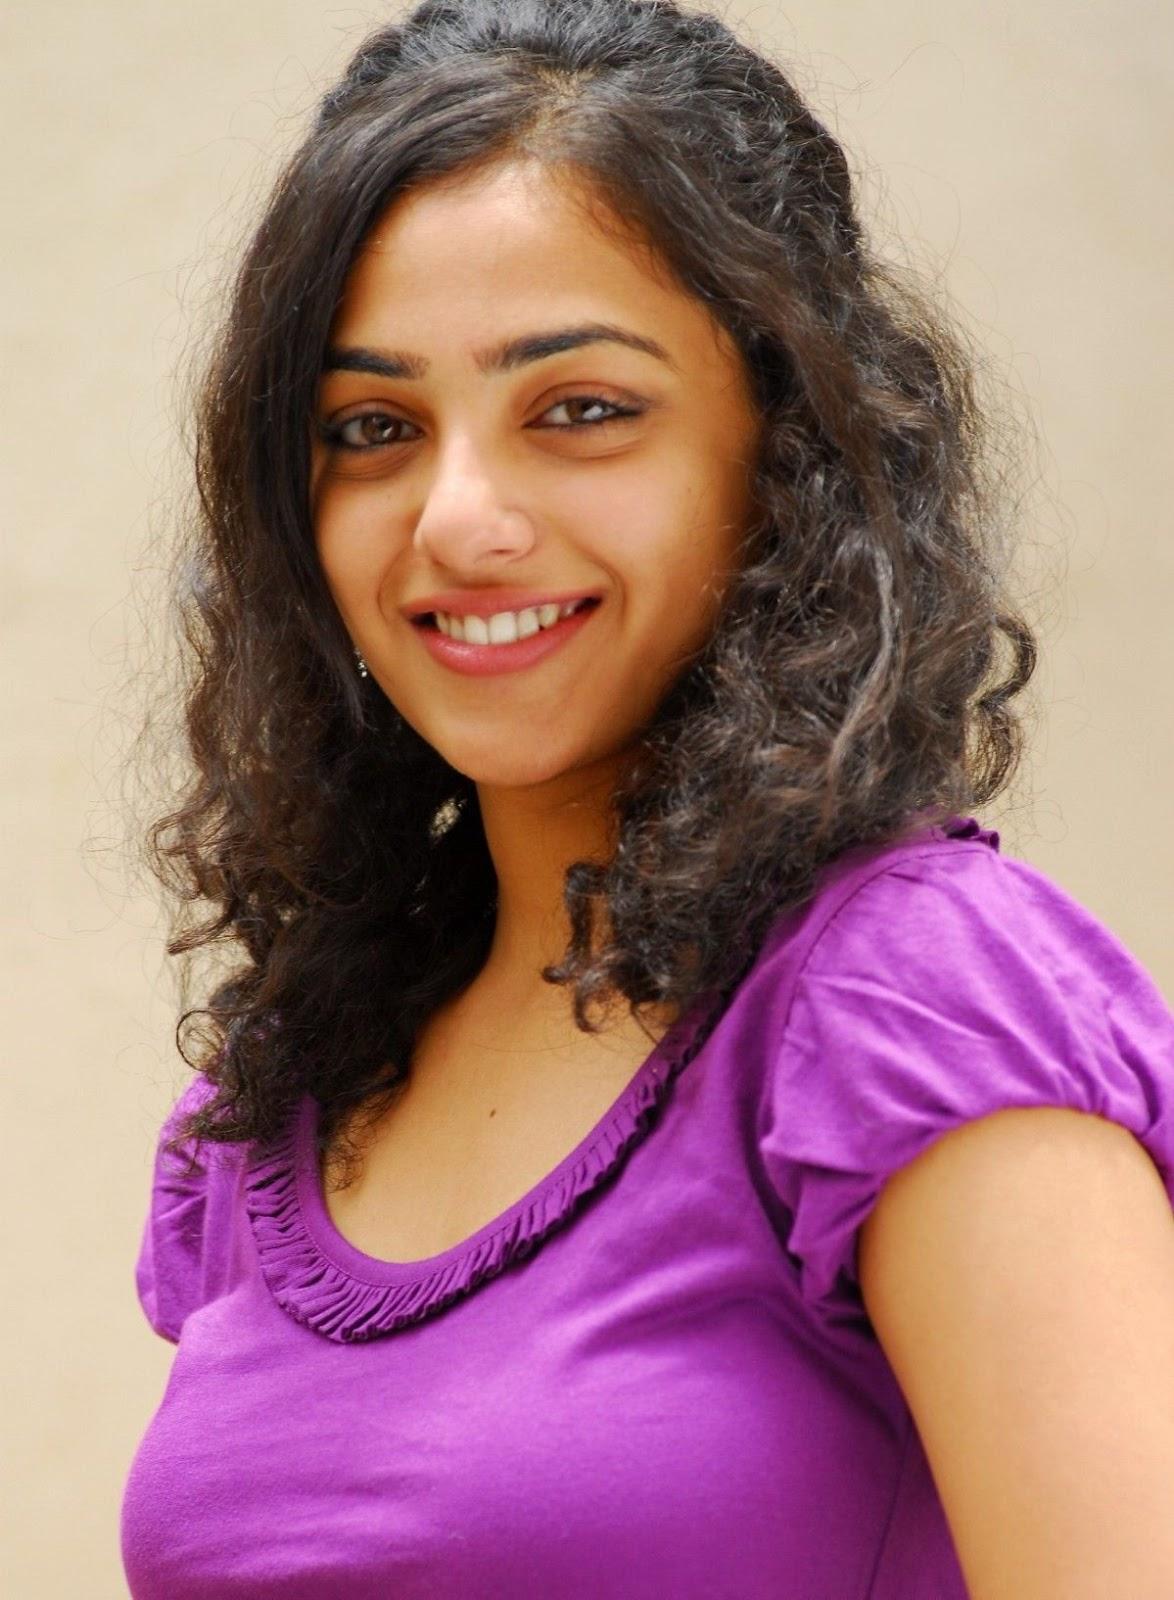 nithya menon profile biodata piography family photos tollywood tollywood celebrities nithya menon profile